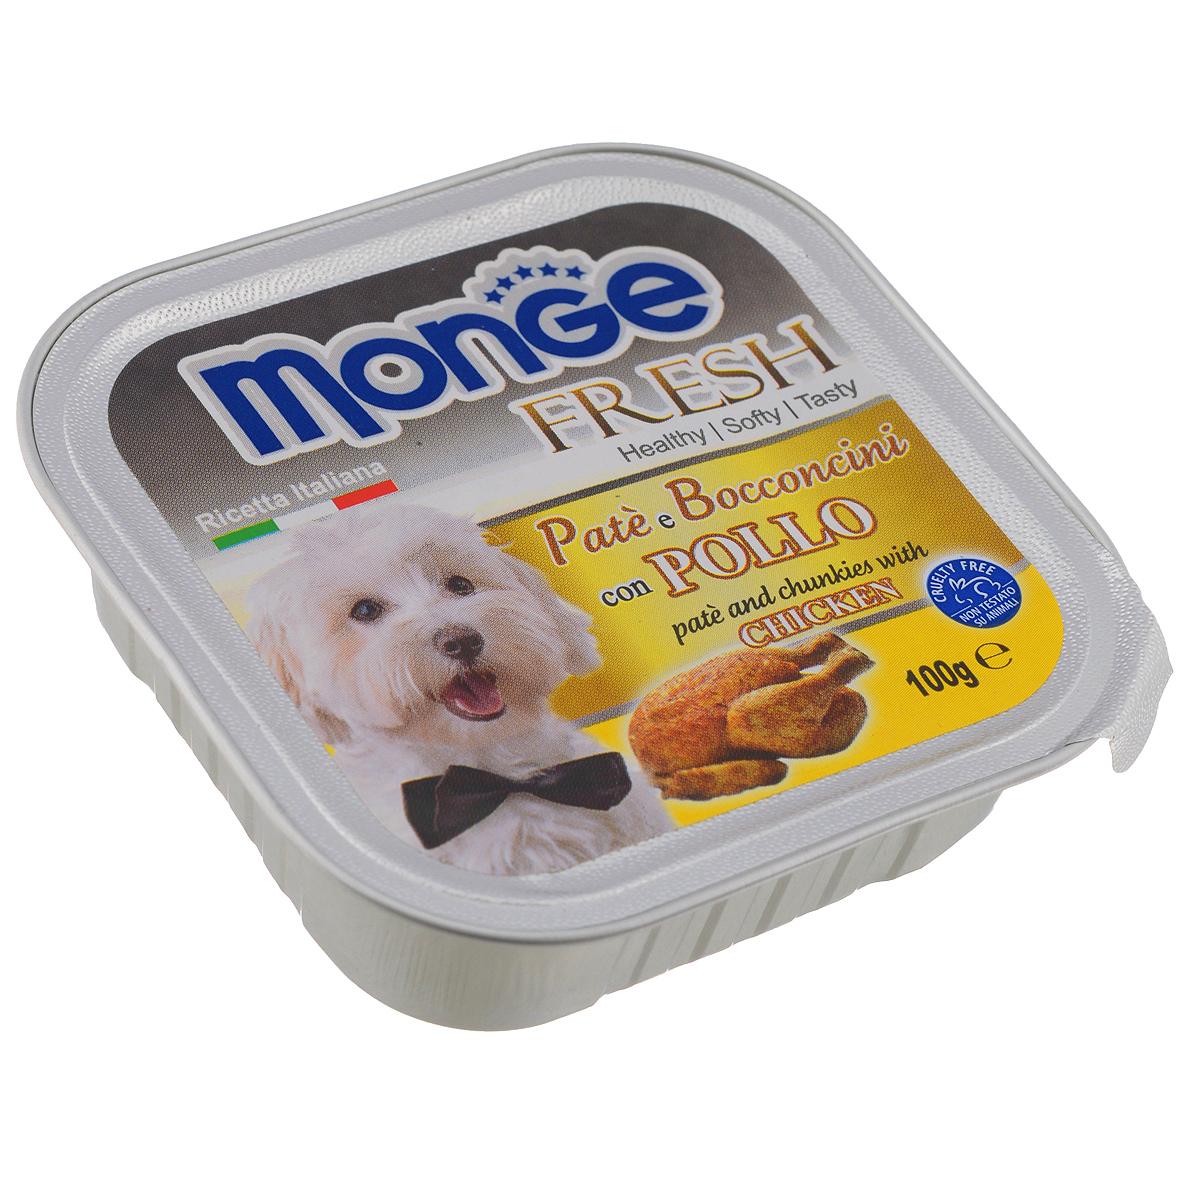 Консервы для собак Monge Fresh, с курицей, 100 г консервы для собак titbit raf паштет с кроликом 100 г